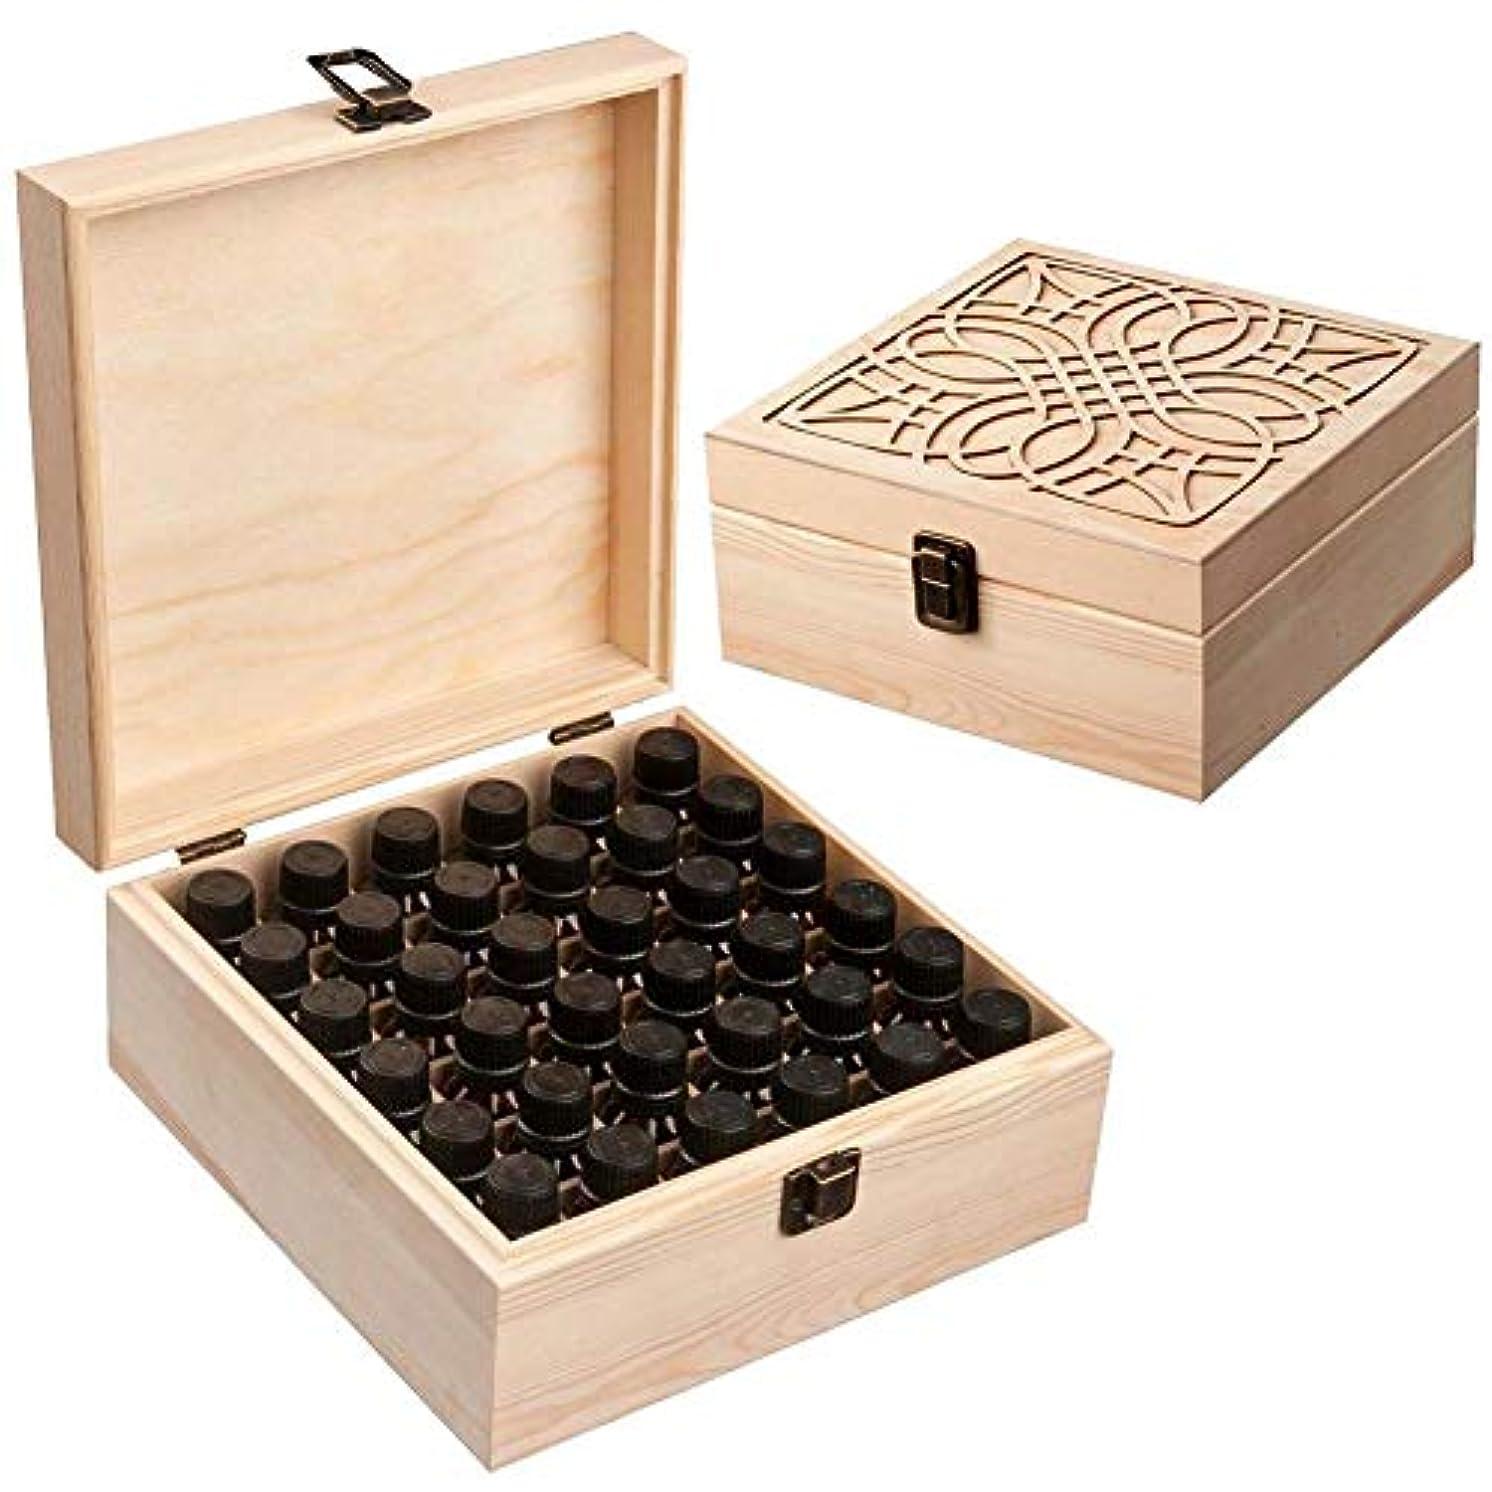 見つけた植生教育者Newfashion エッセンシャルオイル収納ボックス 精油収納 アロマケース 木製 大容量 携帯便利 オイルボックス 飾り物 36本用